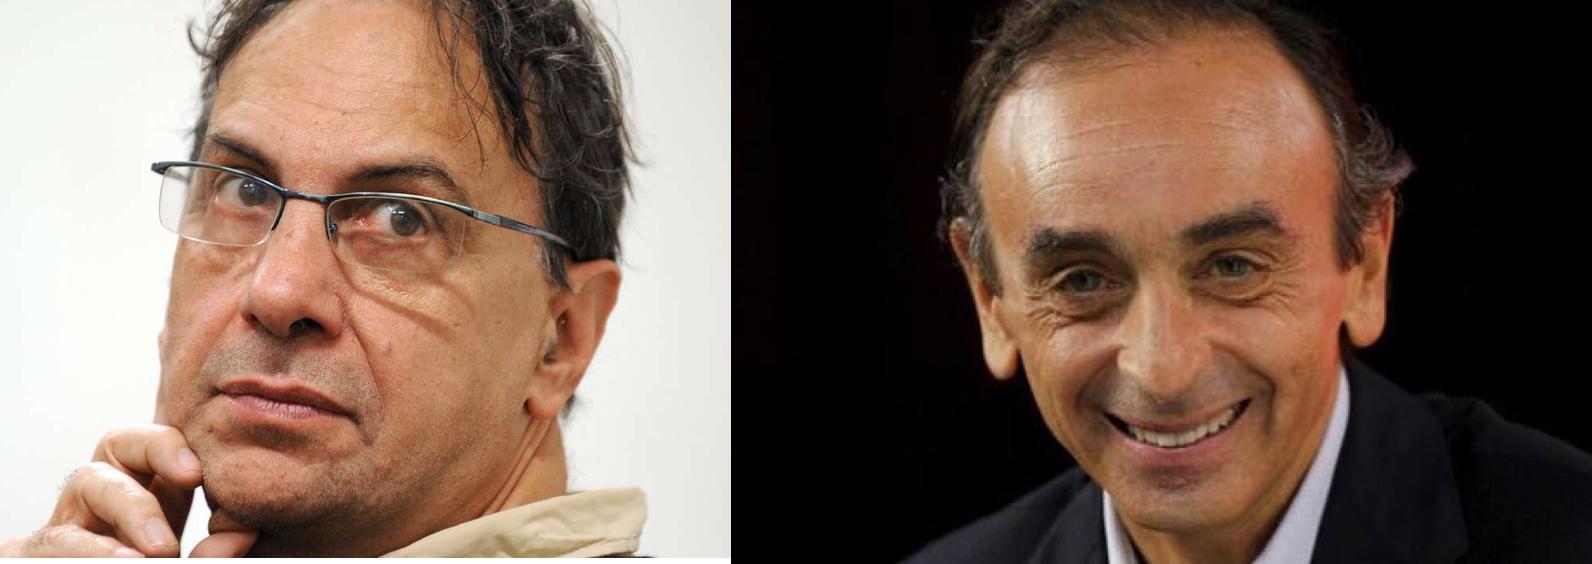 Pierre Cassen : le délinquant de la pensée Zemmour doit être rééduqué d'urgence (video)